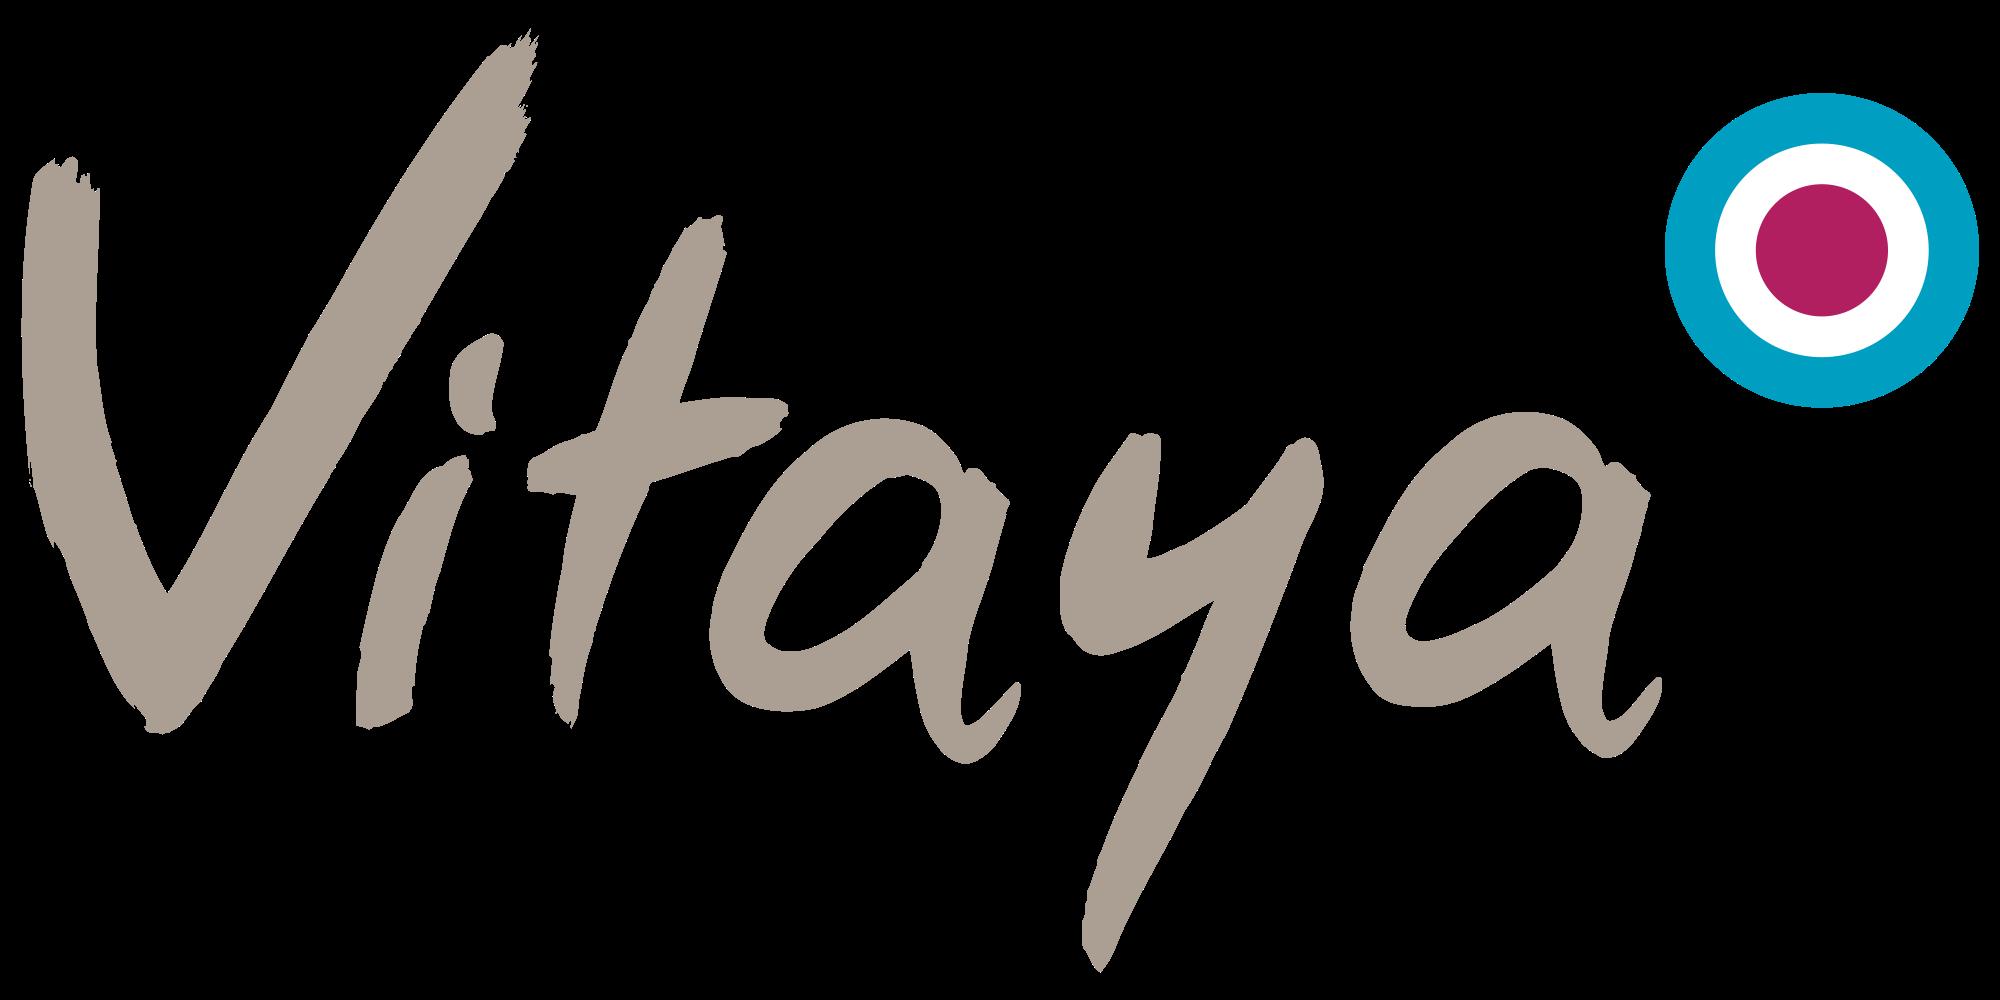 Vitaya Tech company logos, Company logo